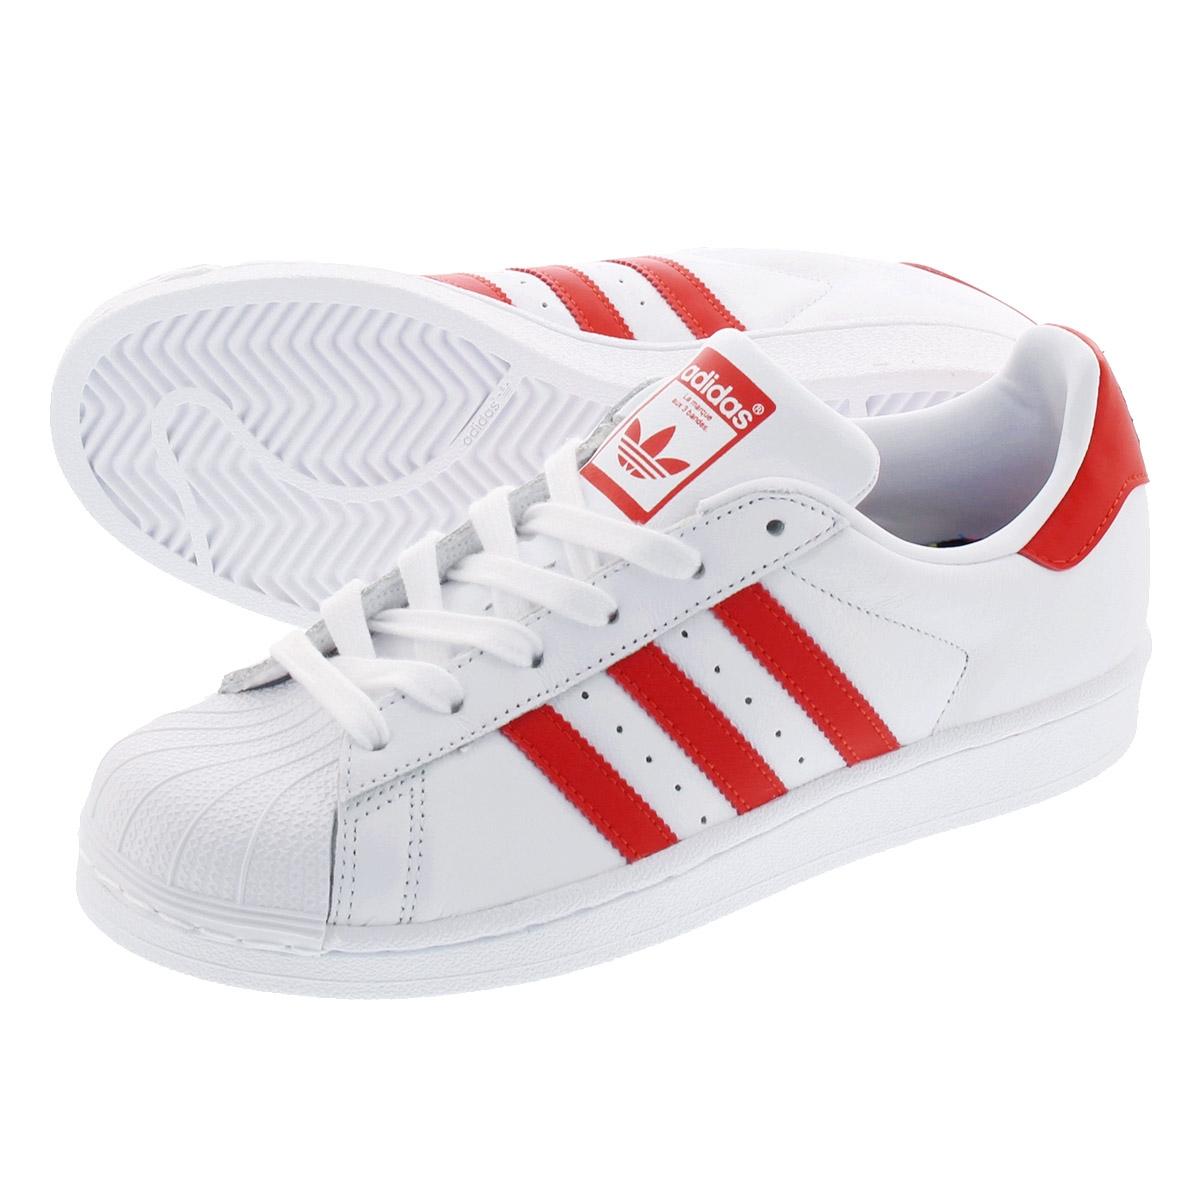 【お買い物マラソンSALE】 【大人気の女の子サイズ♪】 adidas SUPERSTAR W アディダス スーパースター ウィメンズ RUNNING WHITE/ACTIVE RED/CORE BLACK cm8413